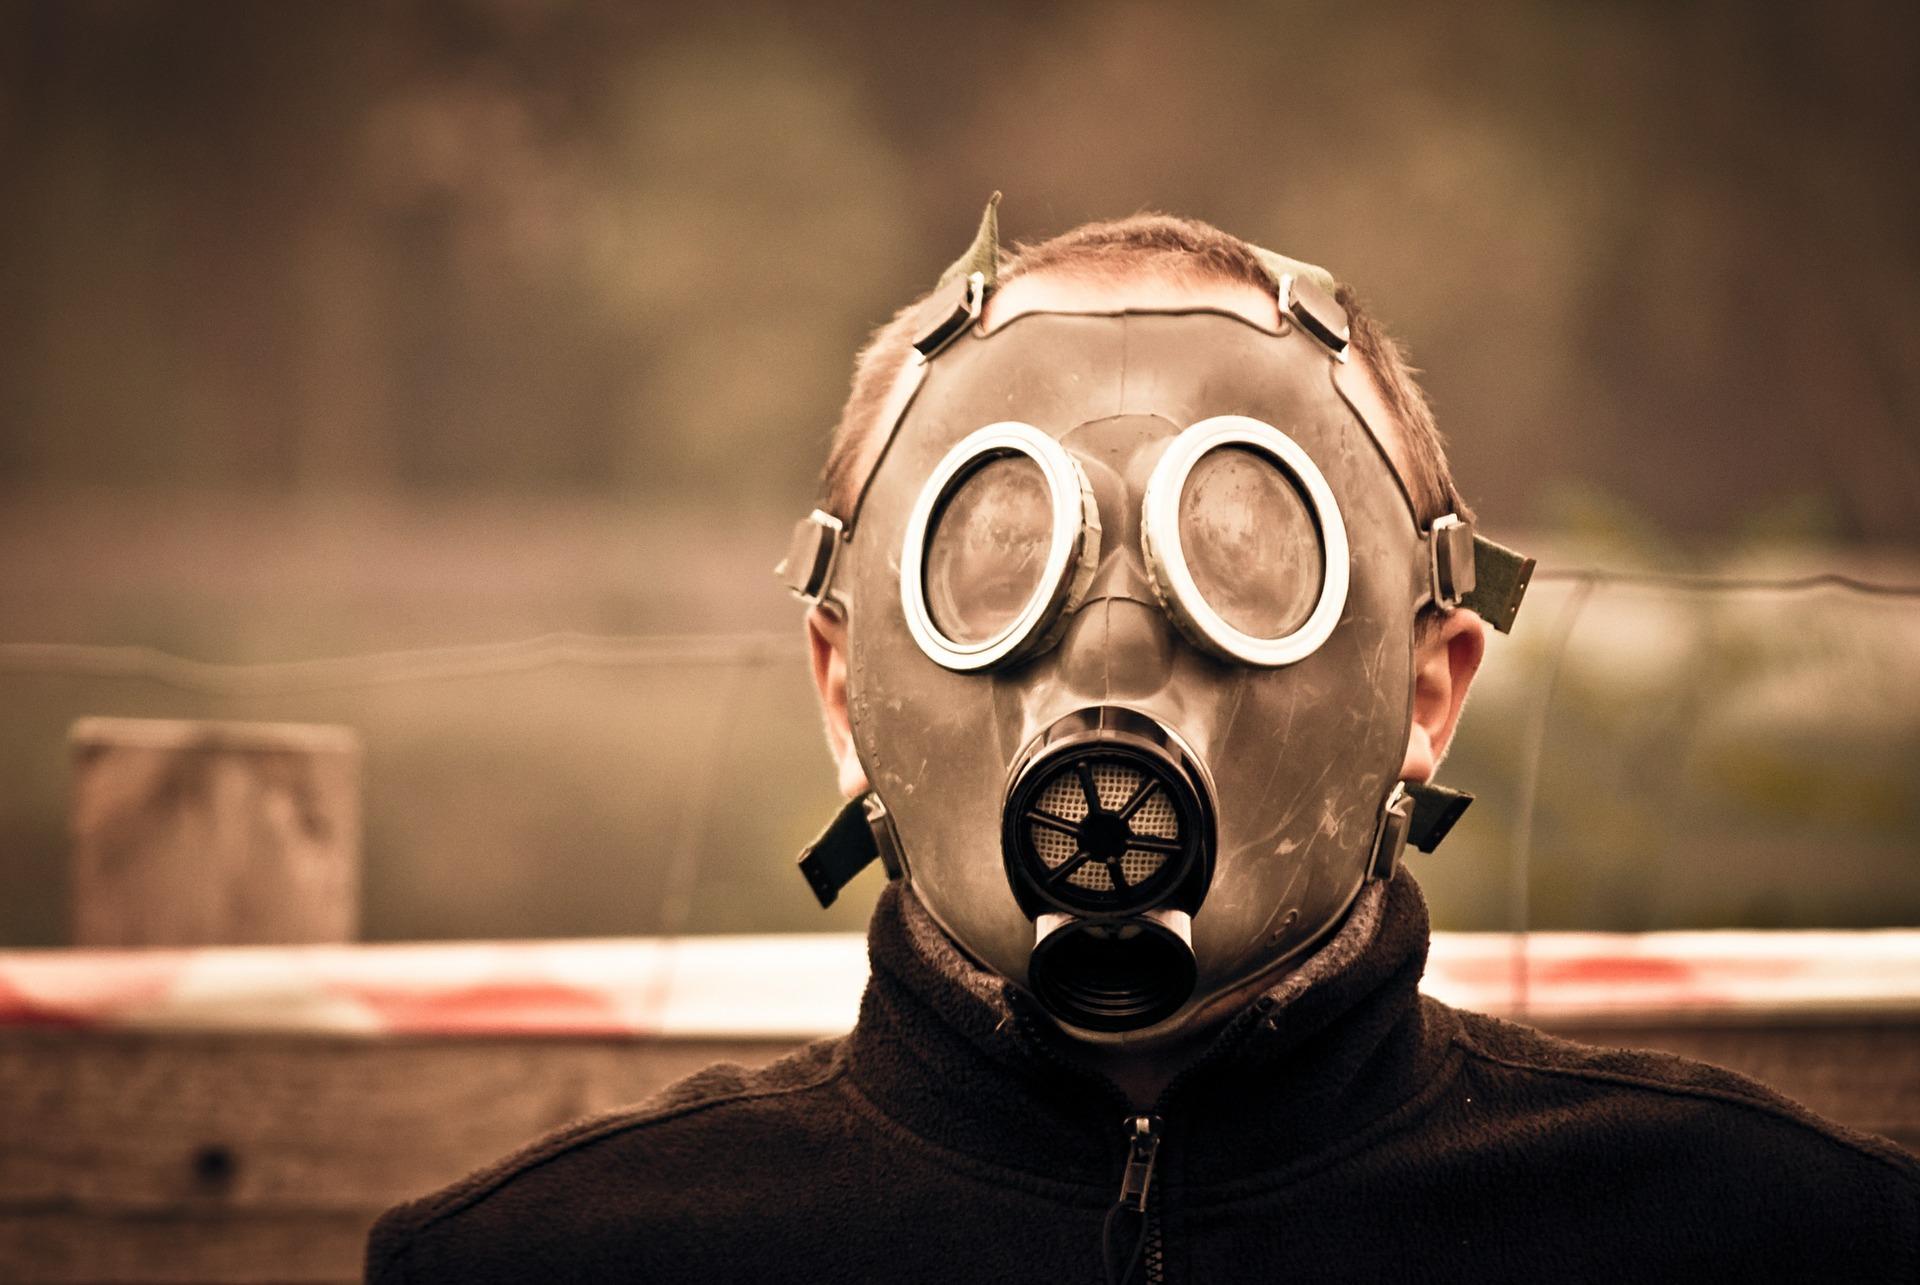 gas-mask-469217_1920